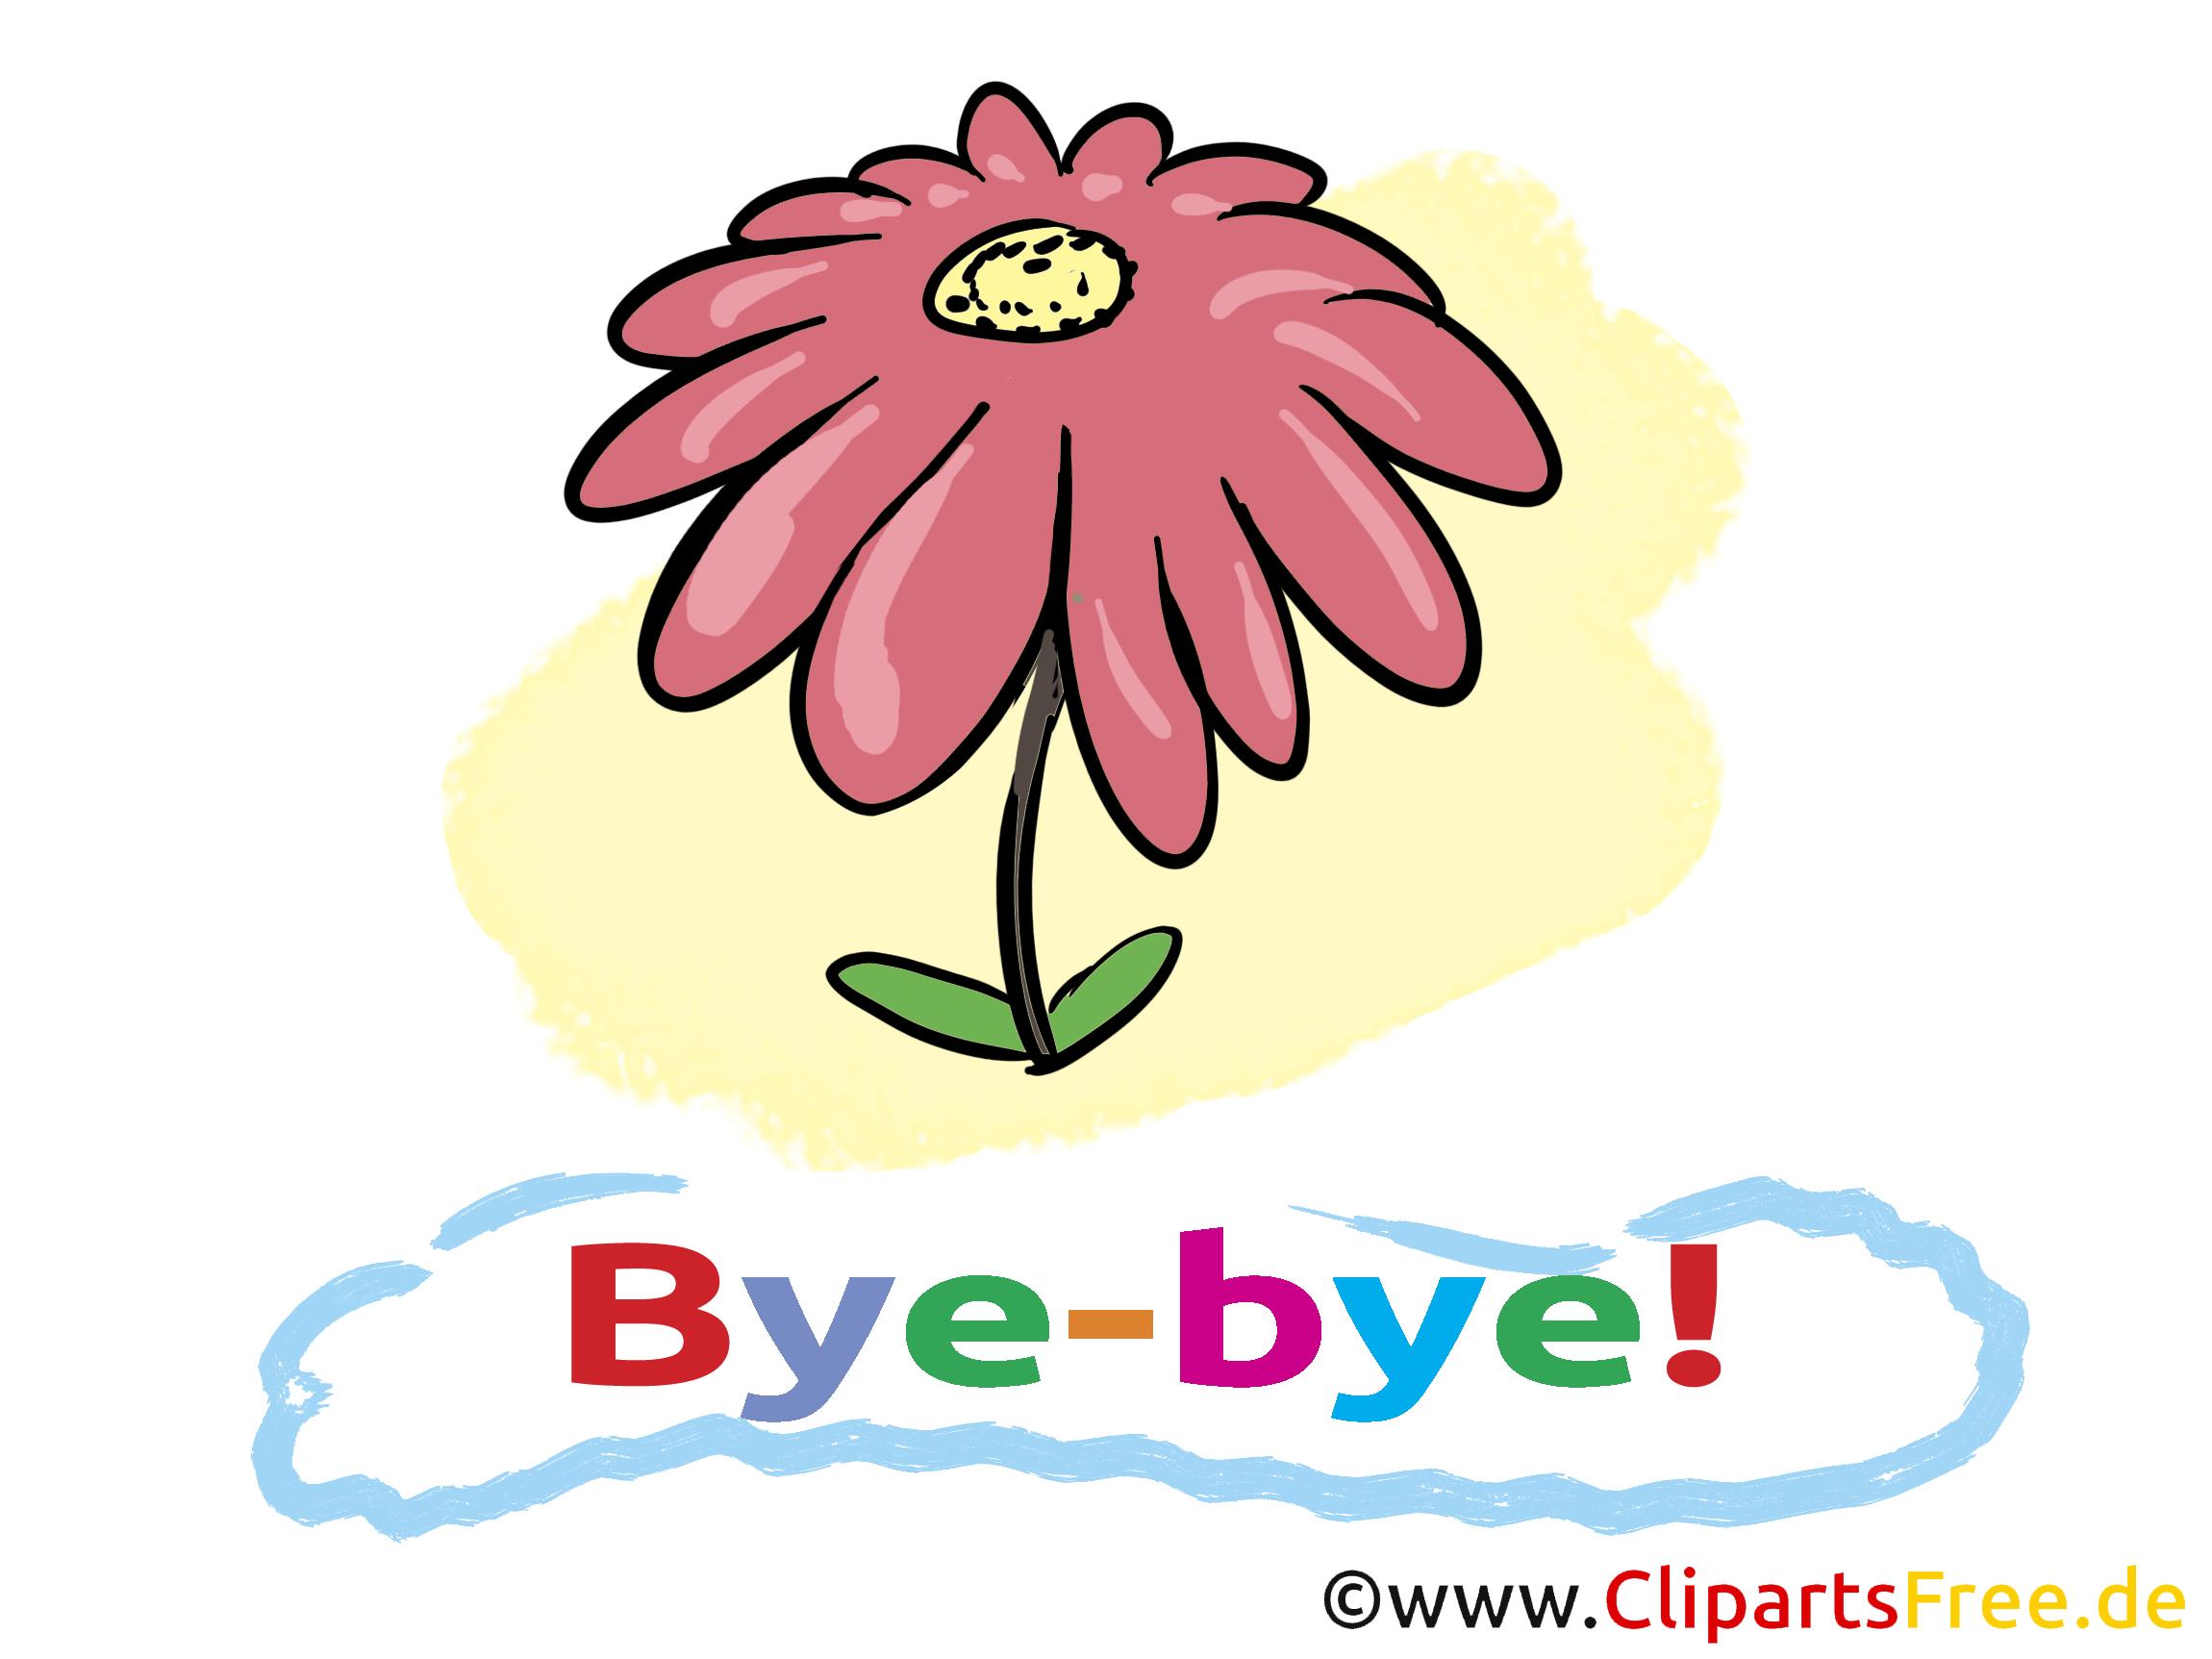 Fleur cliparts gratuis - Adieu images